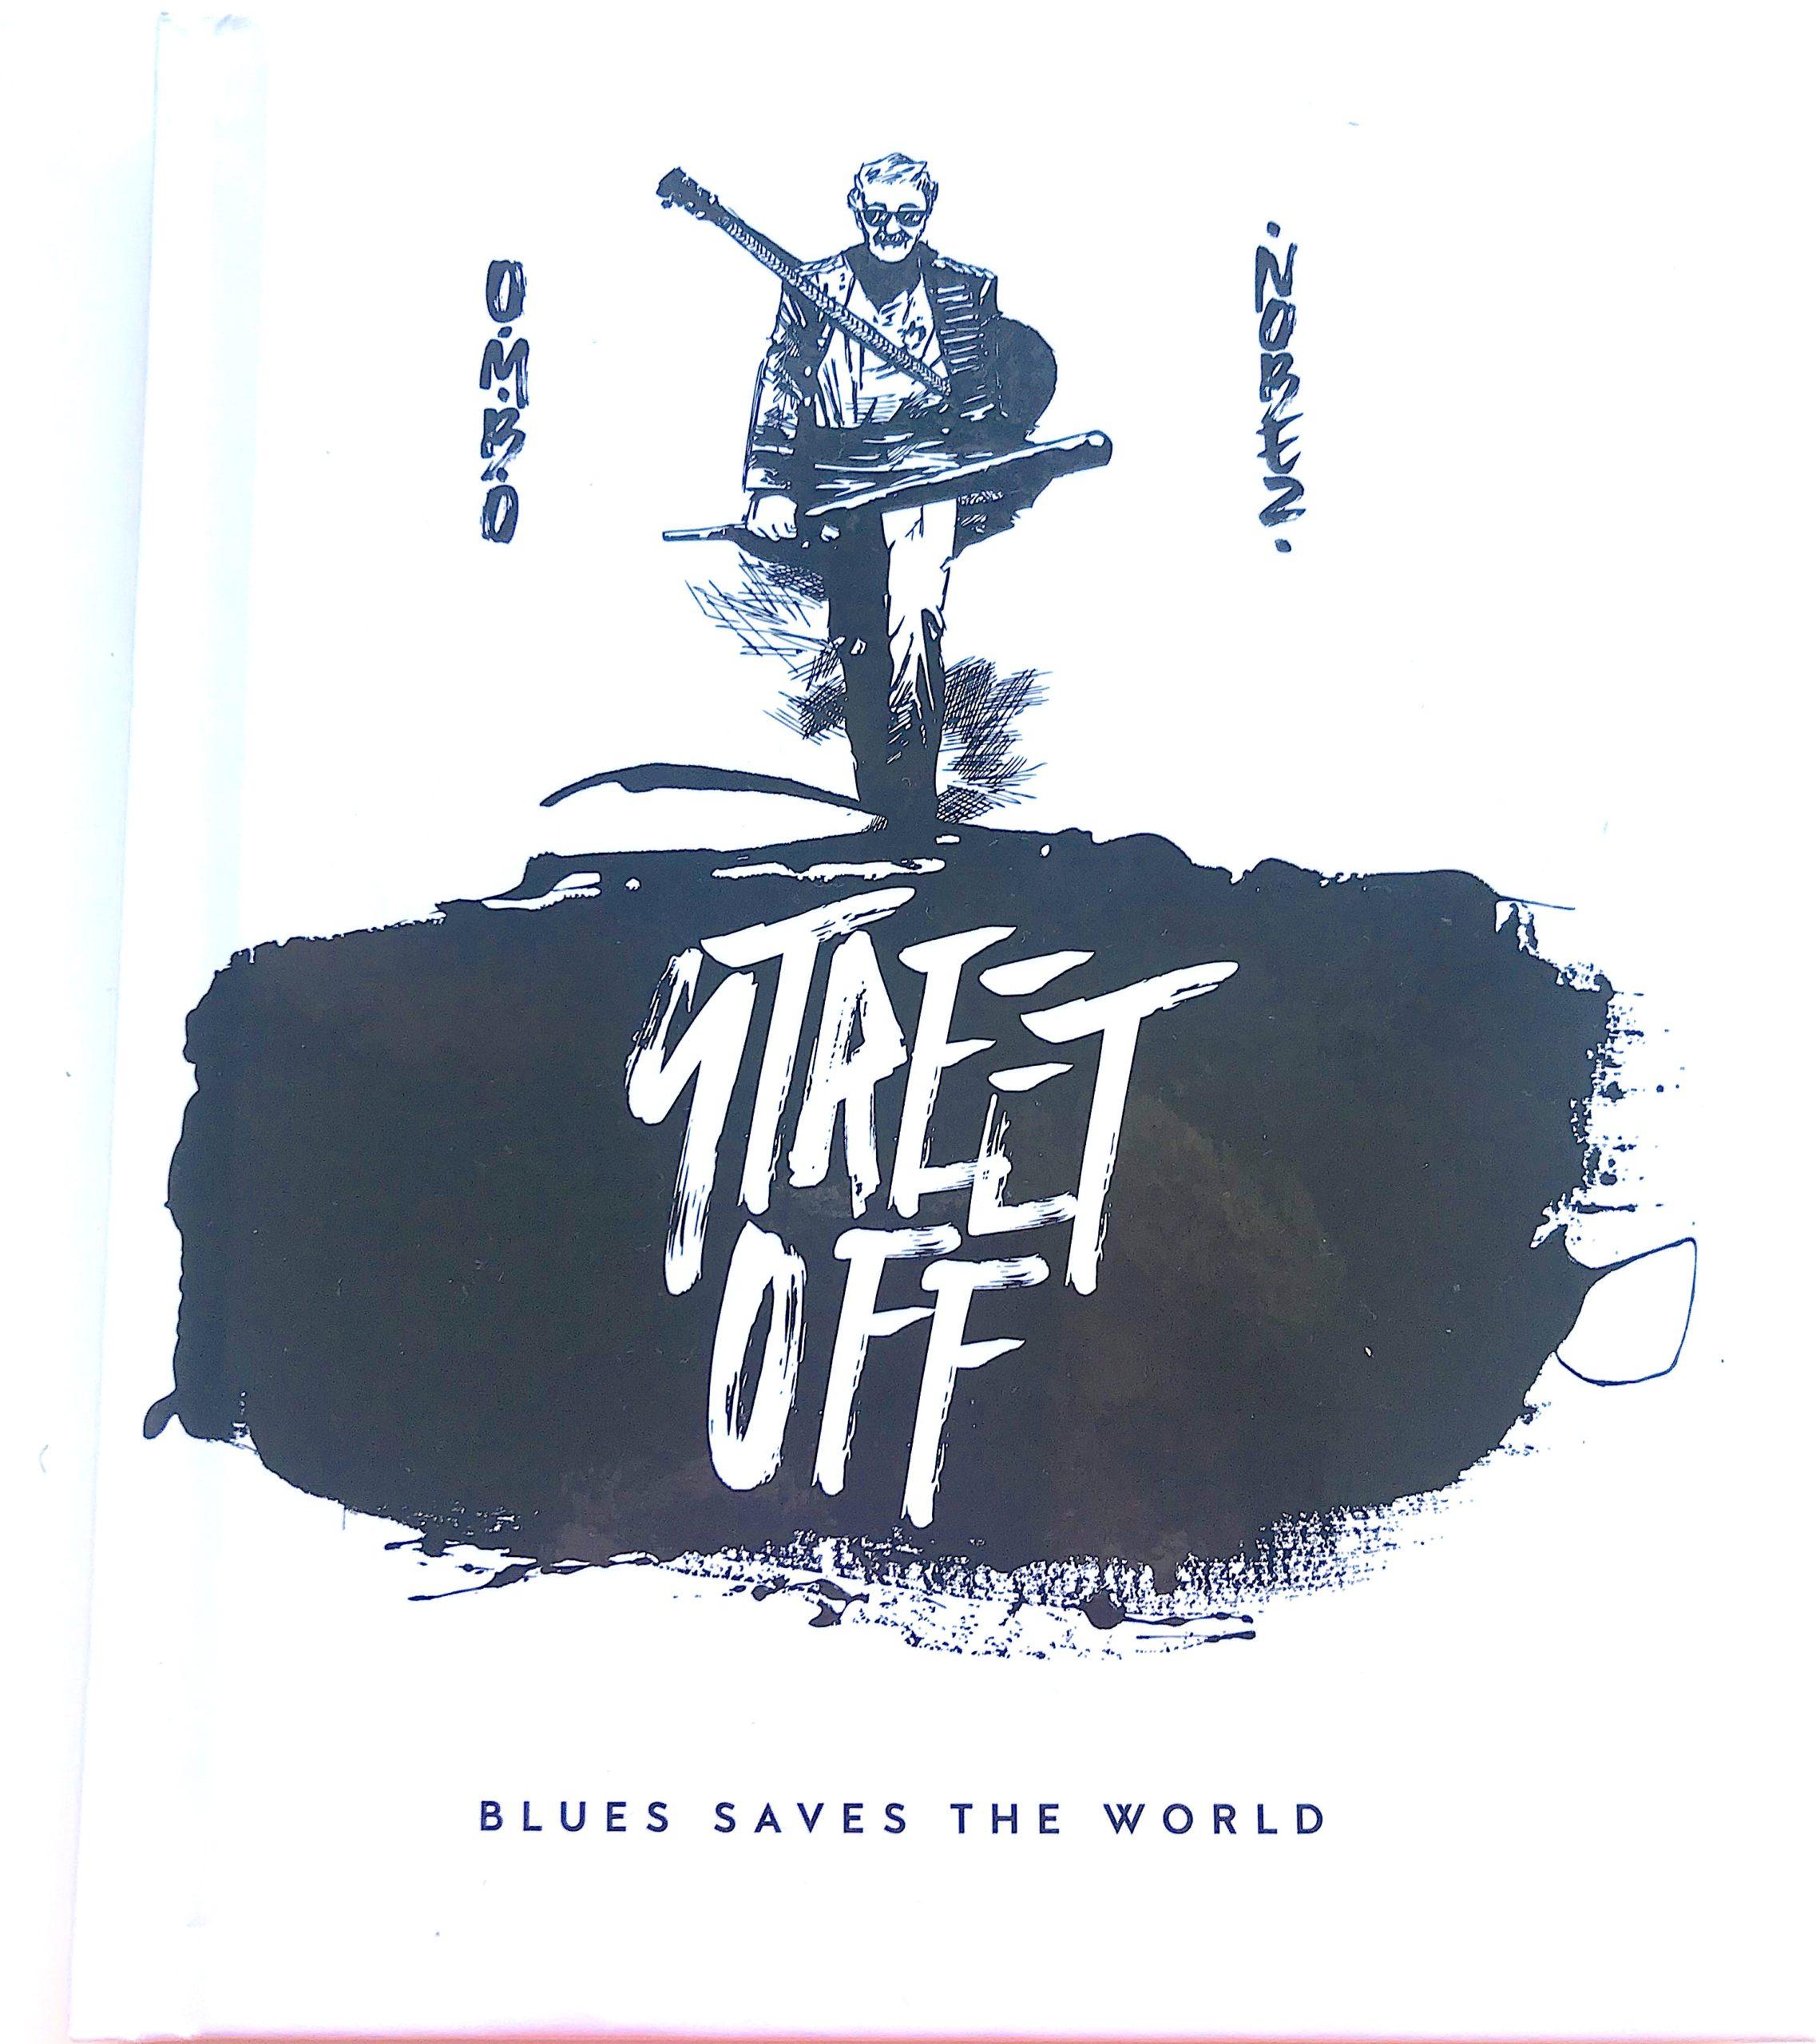 Street Off, un progetto di musica per riqualificare le periferie